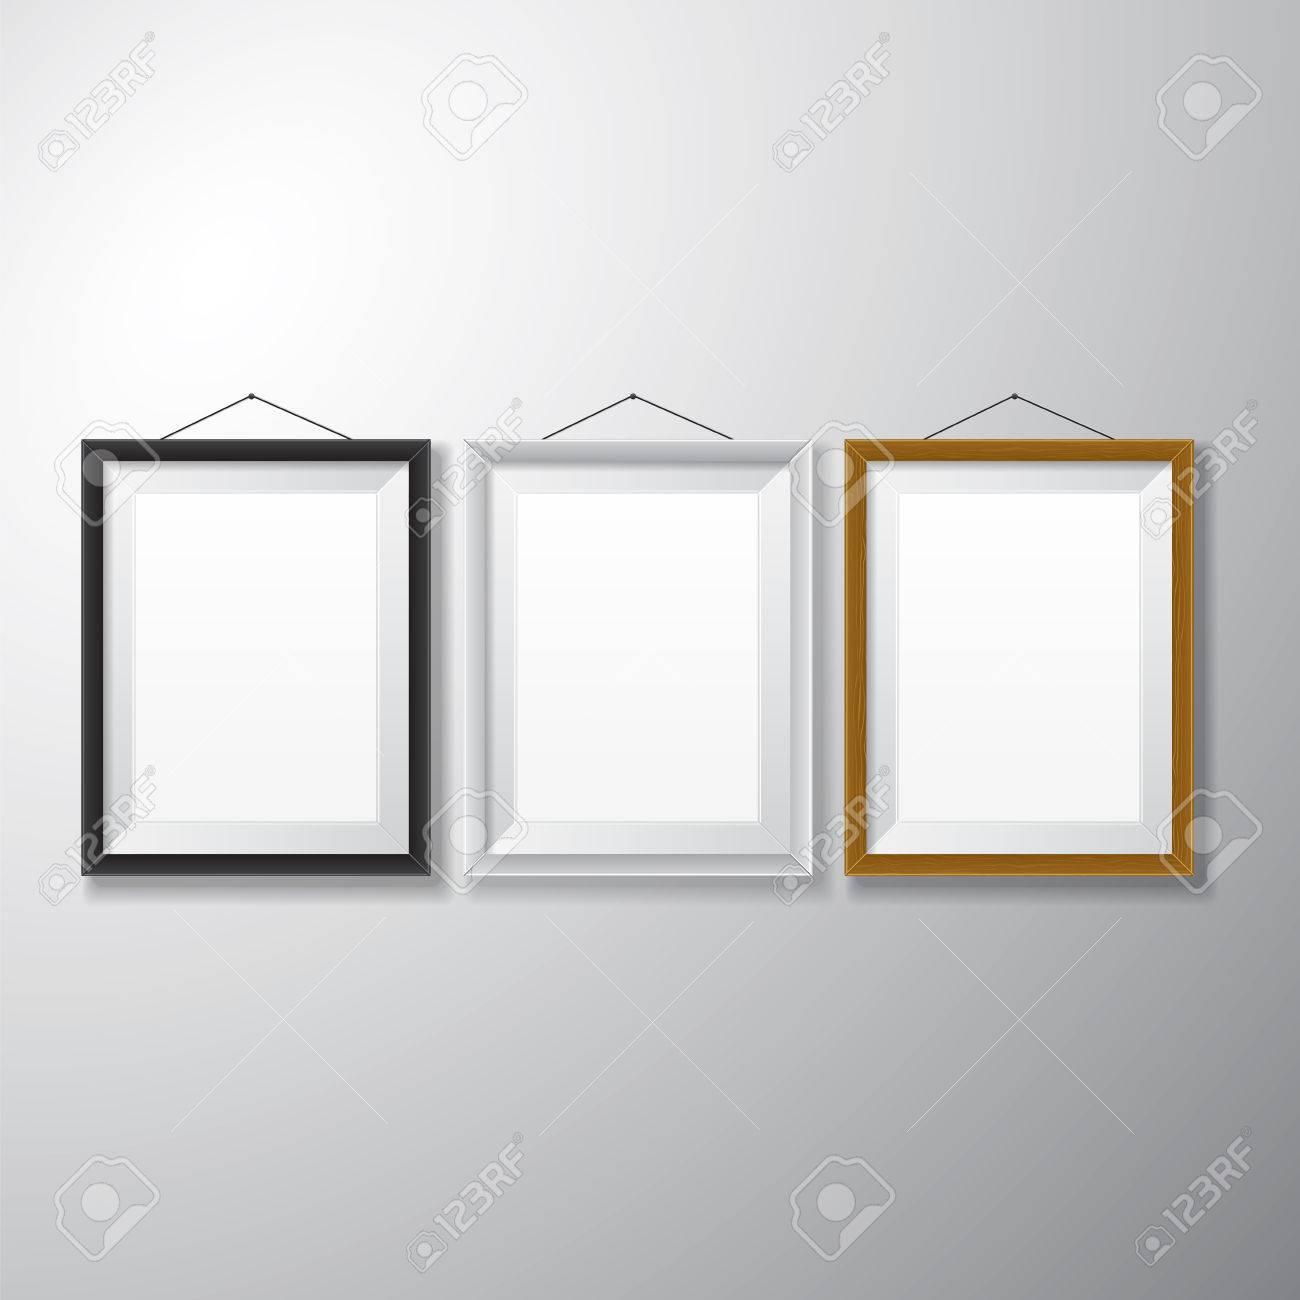 Moderno Tipos De Marcos De Cuadros Imagen - Ideas Personalizadas de ...